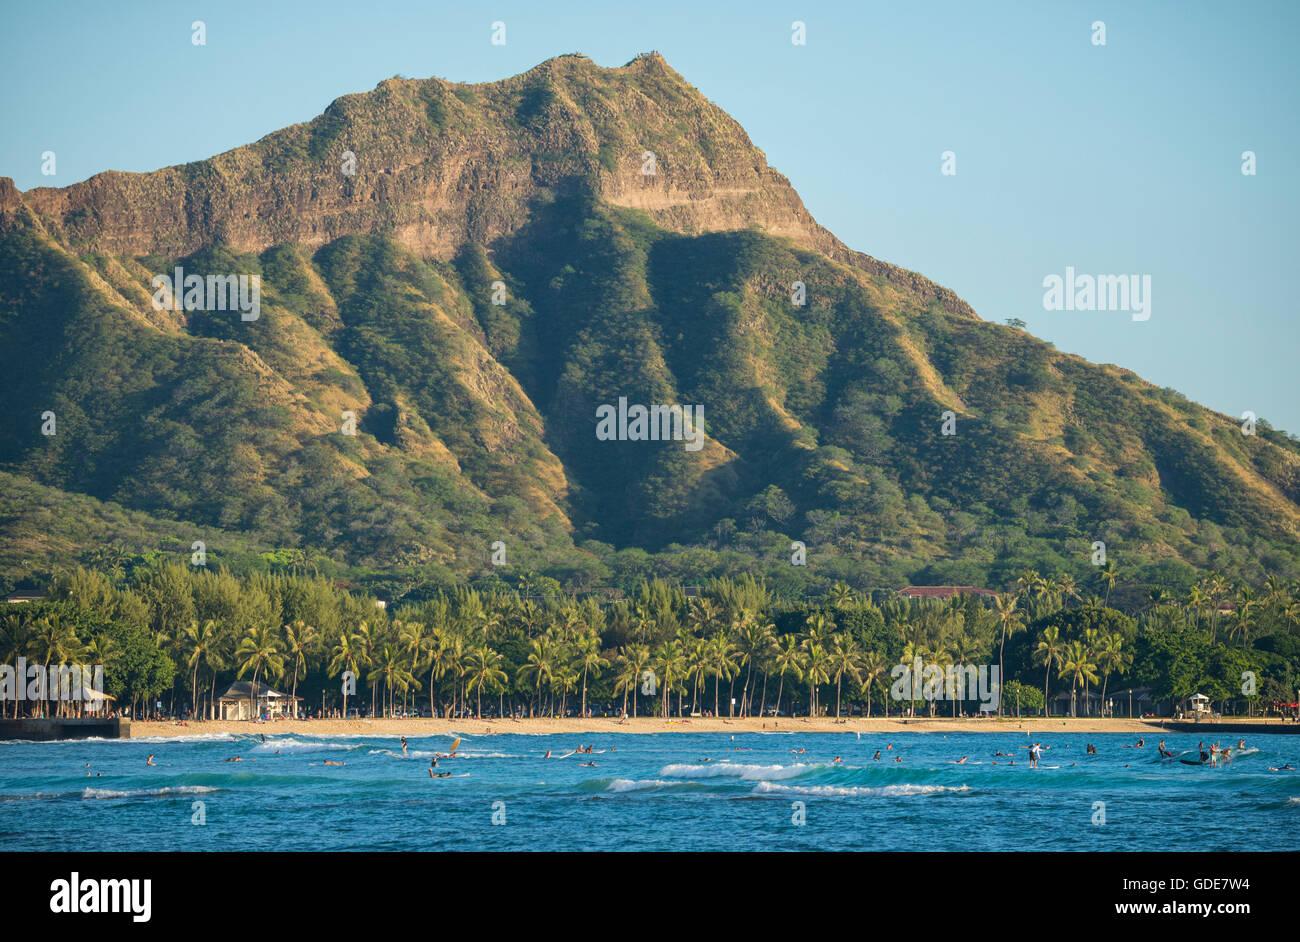 USA,Hawaii,Oahu,Honolulu,Waikiki,Diamond Head - Stock Image